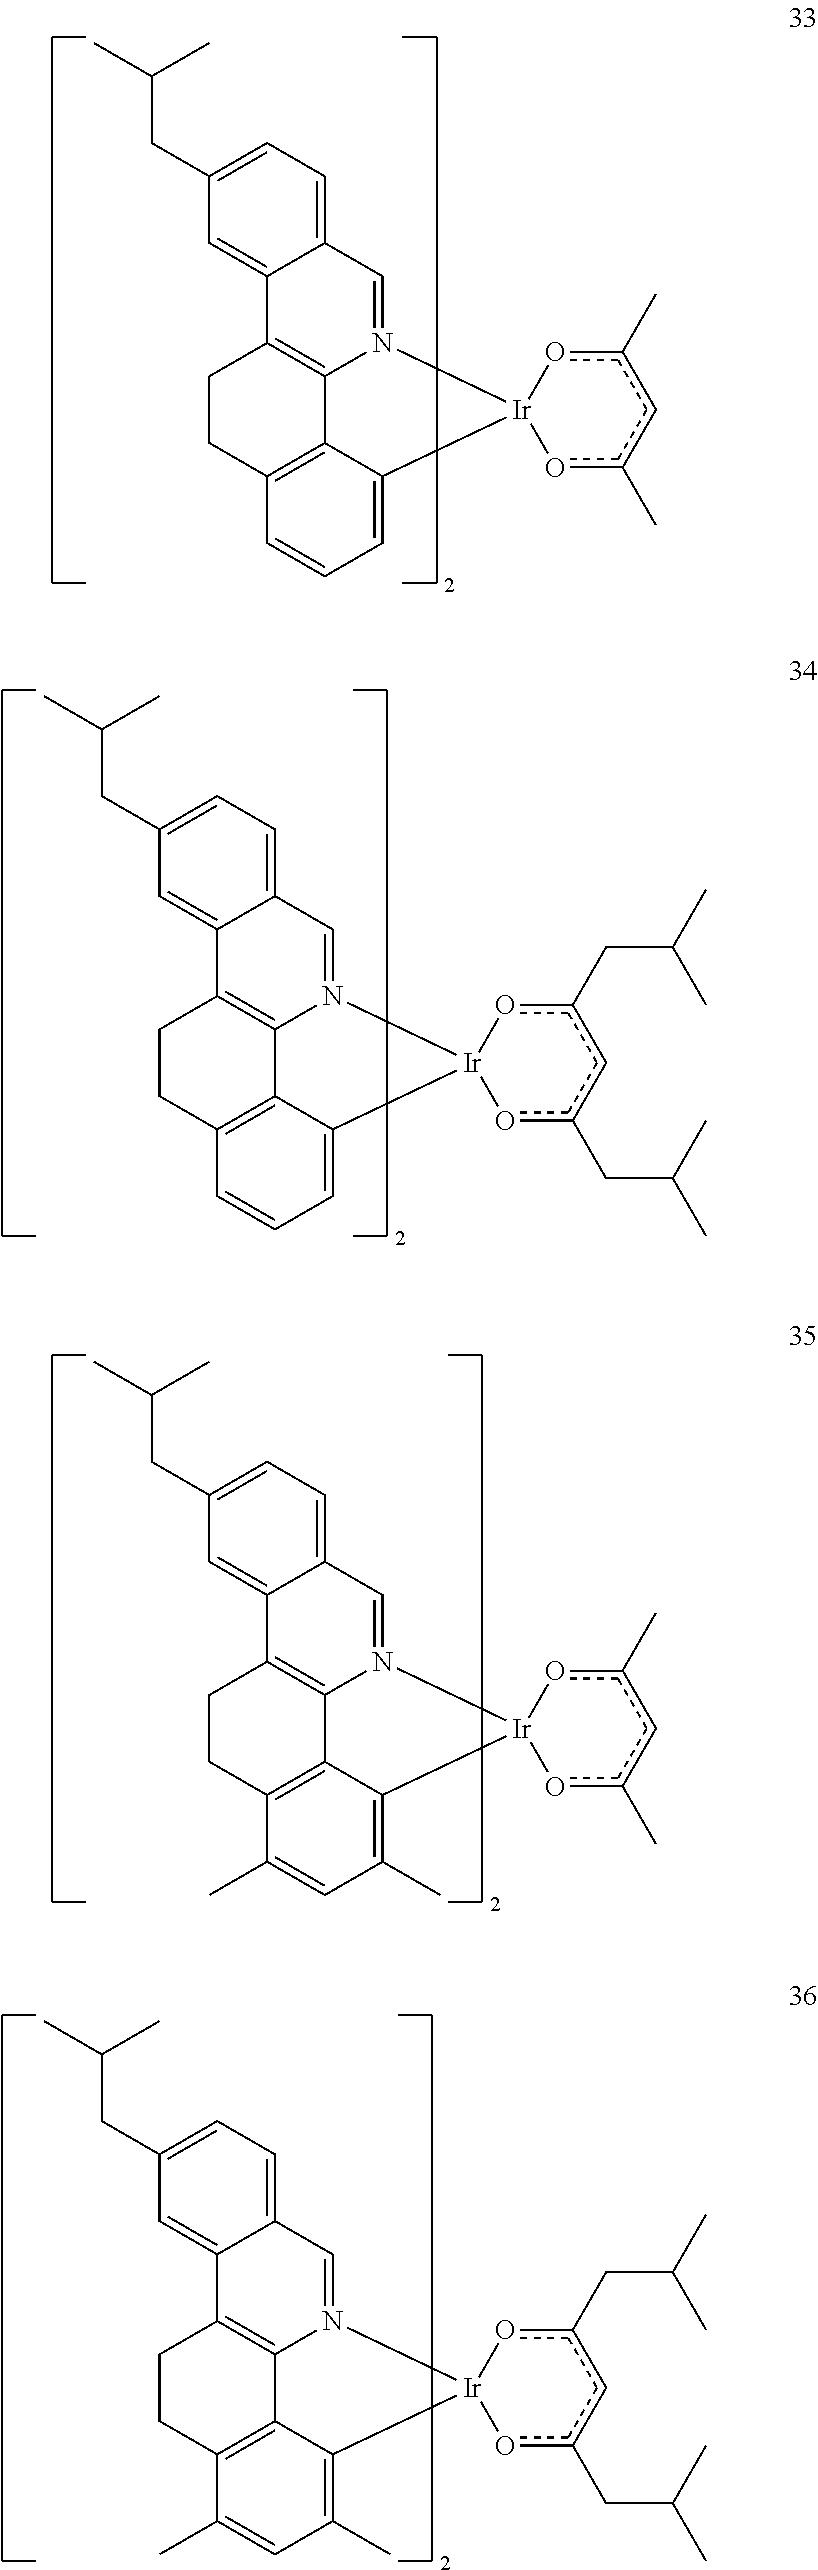 Figure US20130032785A1-20130207-C00223